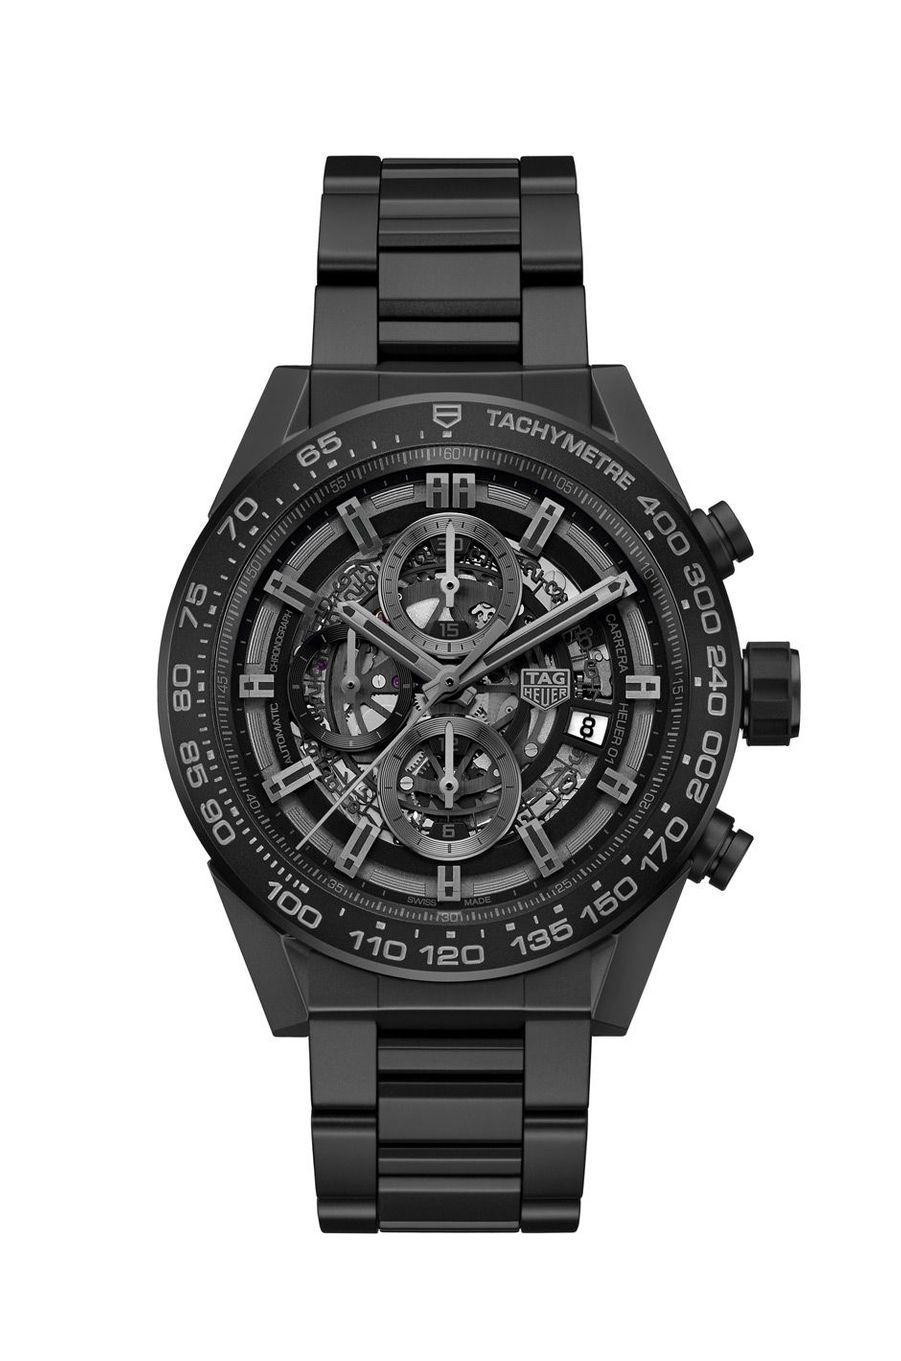 Carrera Heuer-01 en céramique, 45 mm de diamètre, mouvement chronographe squelette automatique, bracelet en céramique. 5 640 €. TAG Heuer.